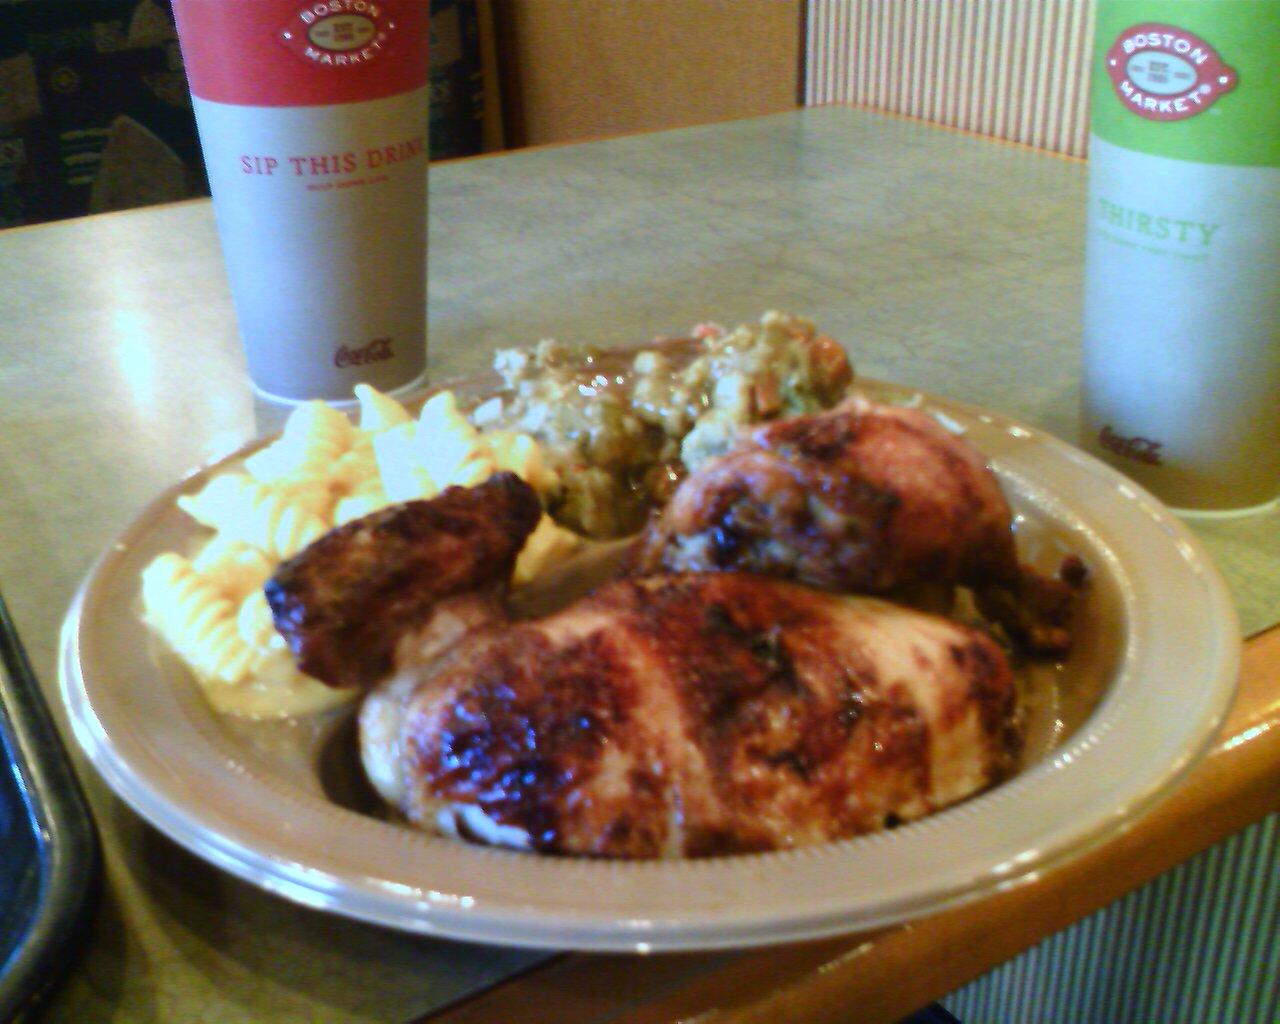 File:Boston Market meal.jpg - Wikimedia Commons